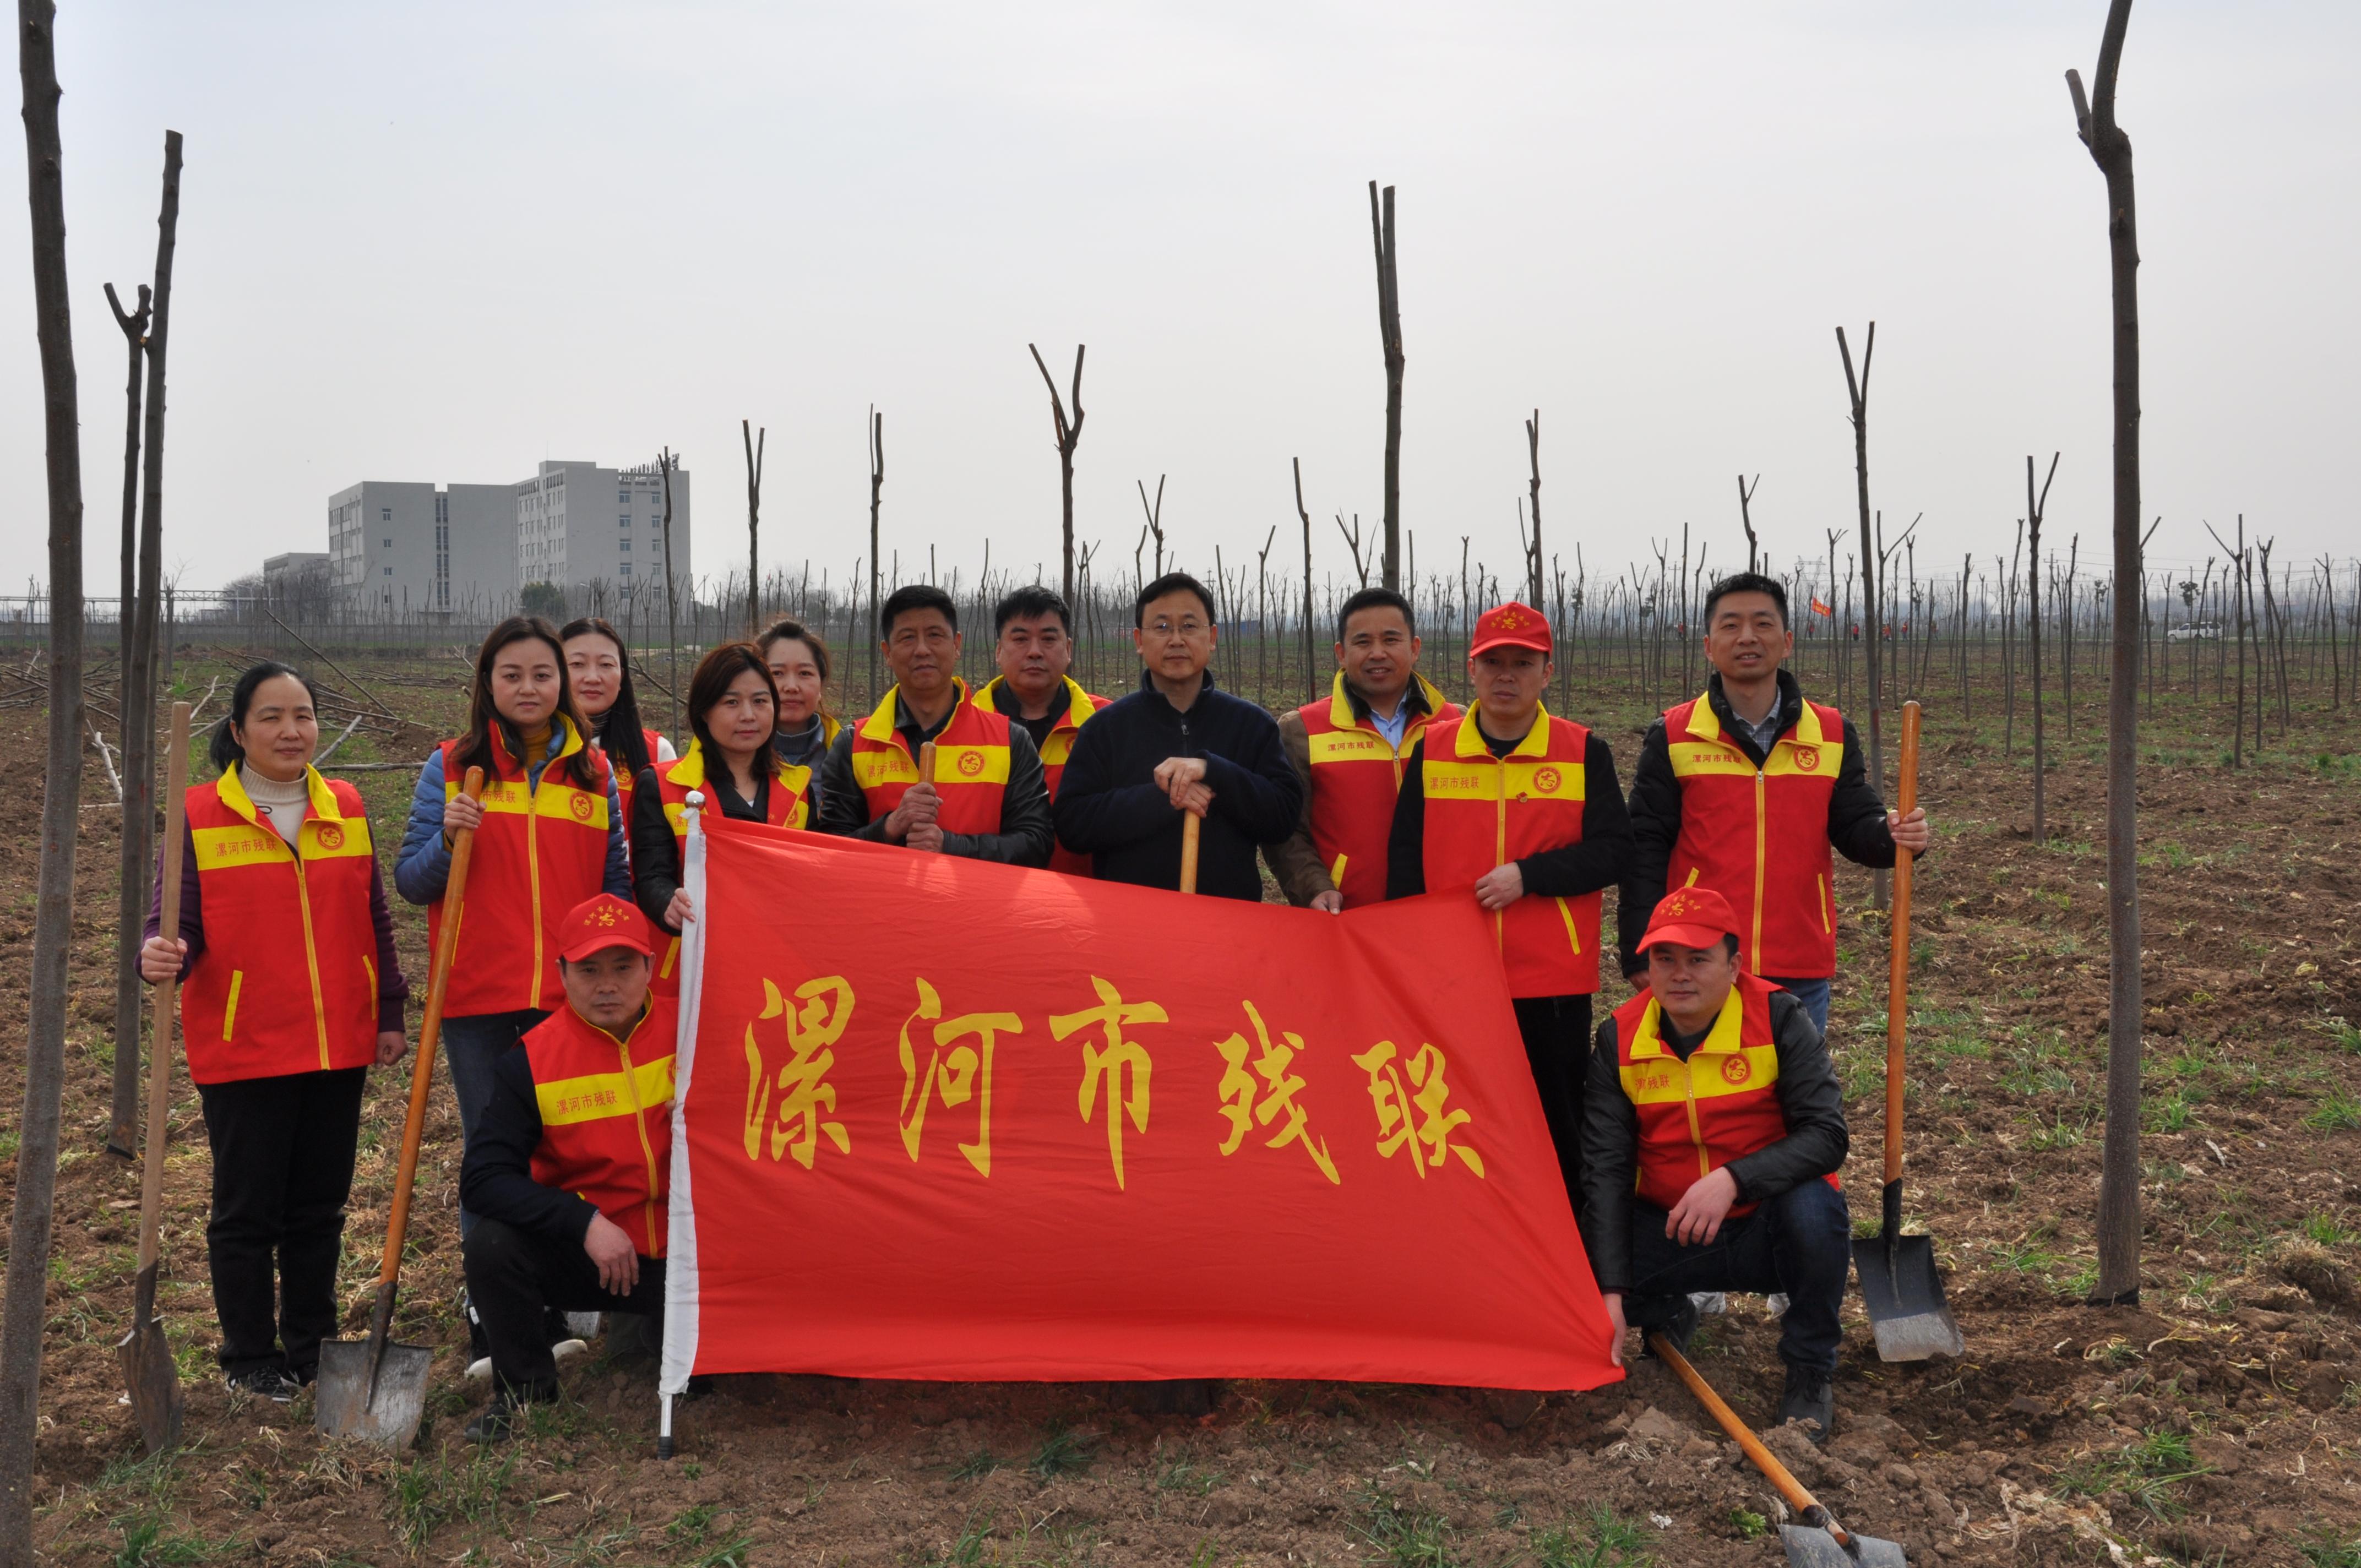 漯河市残联开展义务植树活动